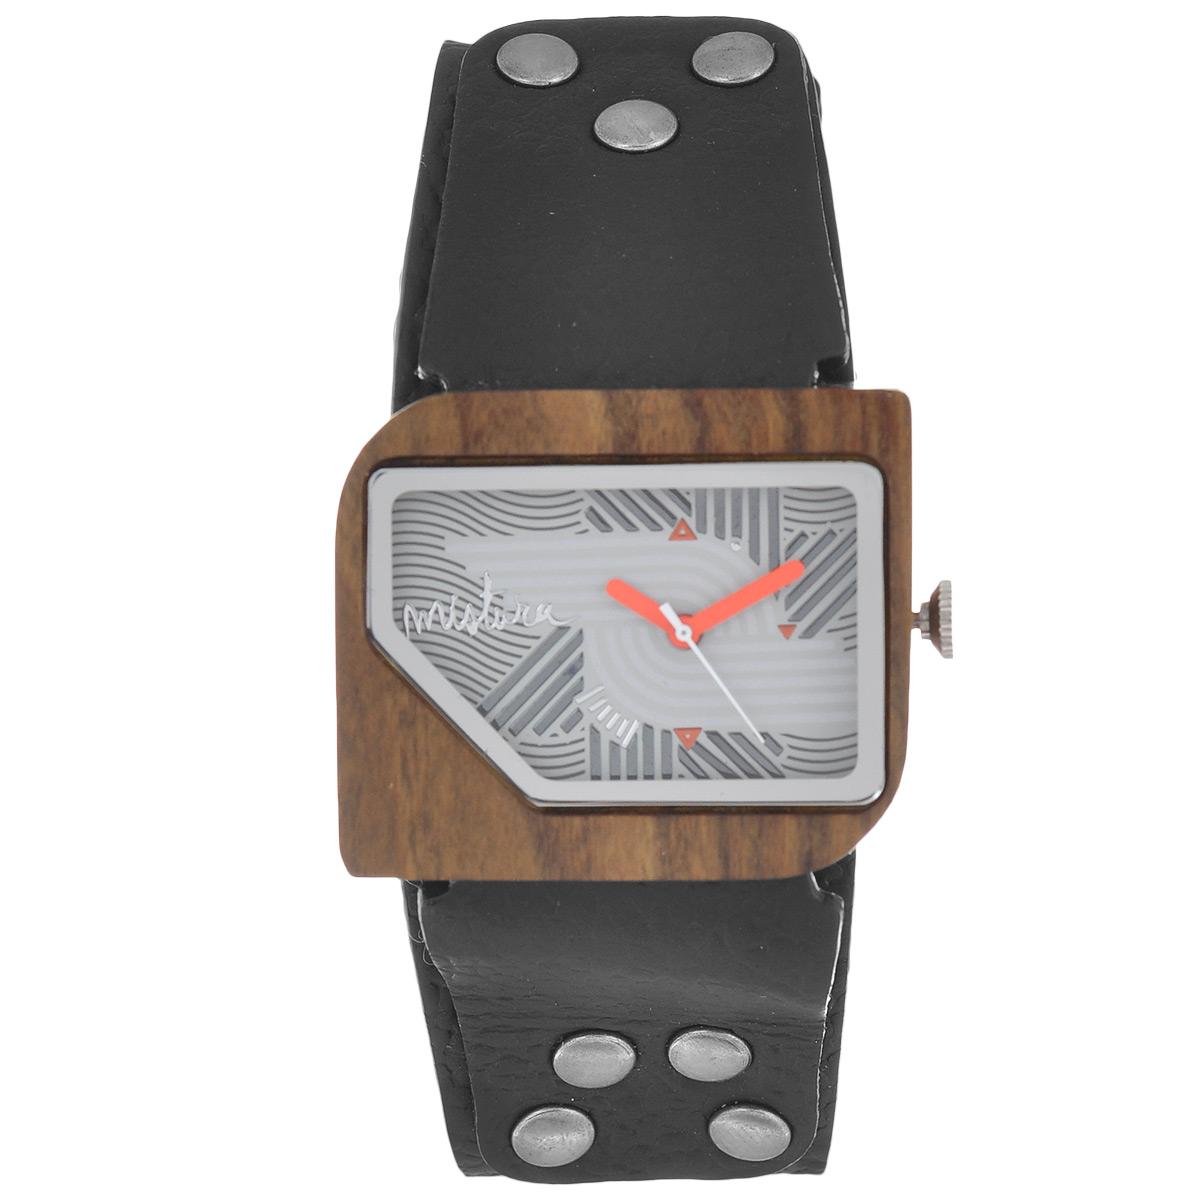 Часы наручные женские Mistura Pellicano: Black/Nazca Light. TP09004BKPUNLWDTP09004BKPUNLWDНаручные часы Mistura благодаря своему эксклюзивному дизайну позволят вам выделиться из толпы и подчеркнуть свою индивидуальность. Для изготовления корпуса часов используется древесина тропических лесов Колумбии с применением индивидуальных методов ее обработки. Дизайн выполняется вручную. Часы оснащены японским кварцевым механизмом Miyota (Япония). Ремешок из натуральной кожи, декорирован металлическими заклепками, застегивается на классическую застежку с деревянным язычком. Корпус часов изготовлен из дерева. Циферблат защищен минеральным стеклом. Изделие упаковано в фирменную коробку с логотипом компании Mistura. Часы марки Mistura идеально подходят молодым и уверенным в себе людям, ценящим качество, практичность и индивидуальность в каждой детали. Каждая модель оснащена оригинальным дизайнерским корпусом, а также ремешком из натуральной кожи, который можно заменить по вашему желанию. В изделиях используются высокоточные механизмы...